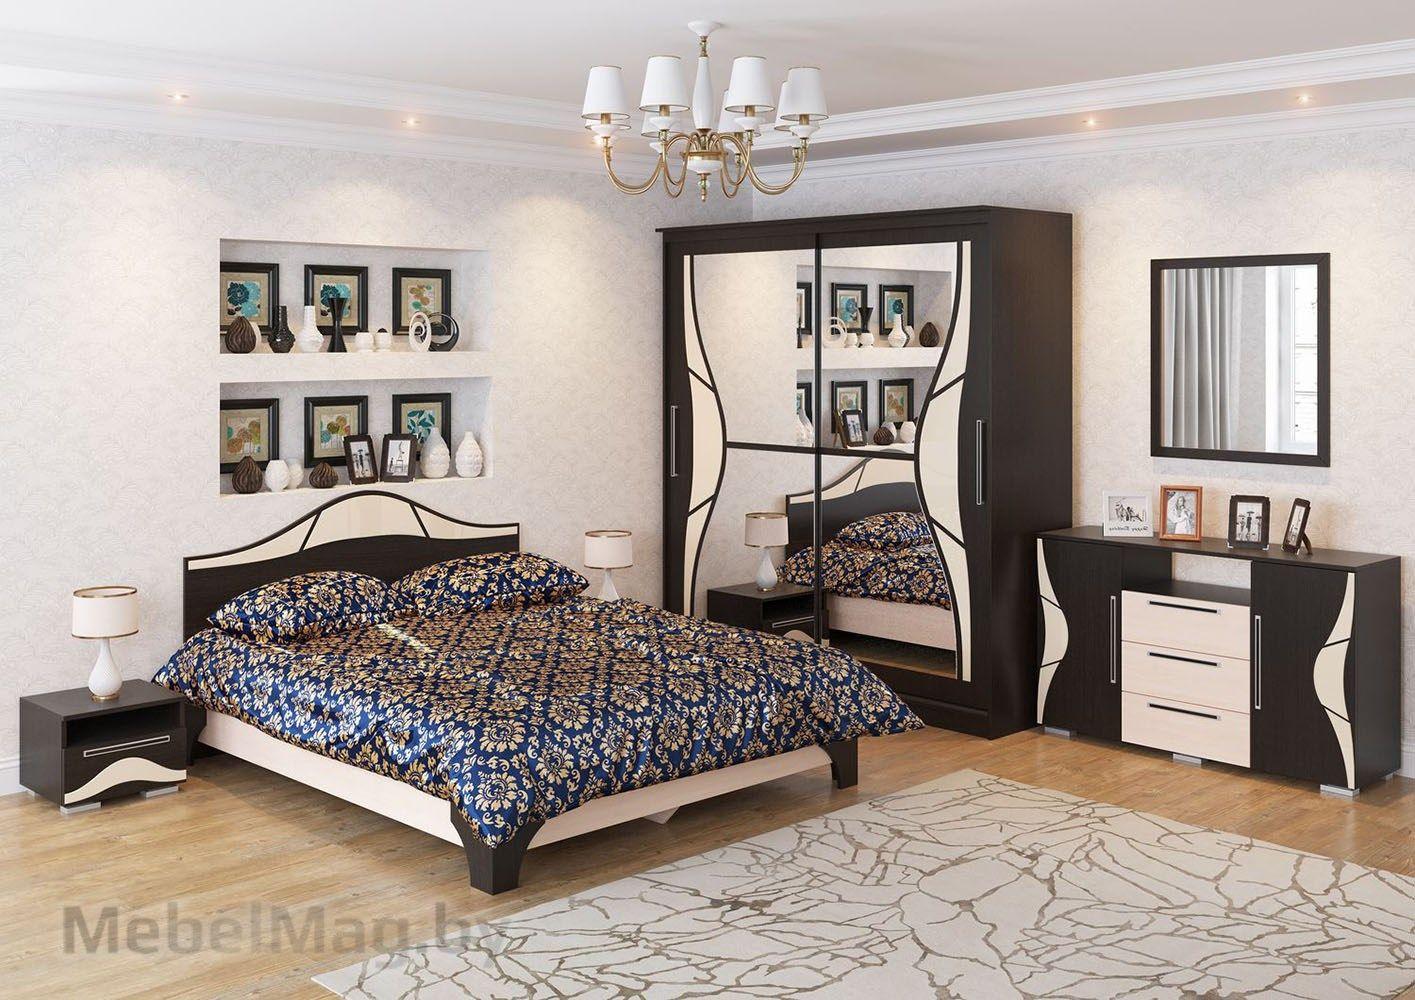 Спальня Лагуна 5 - Венге